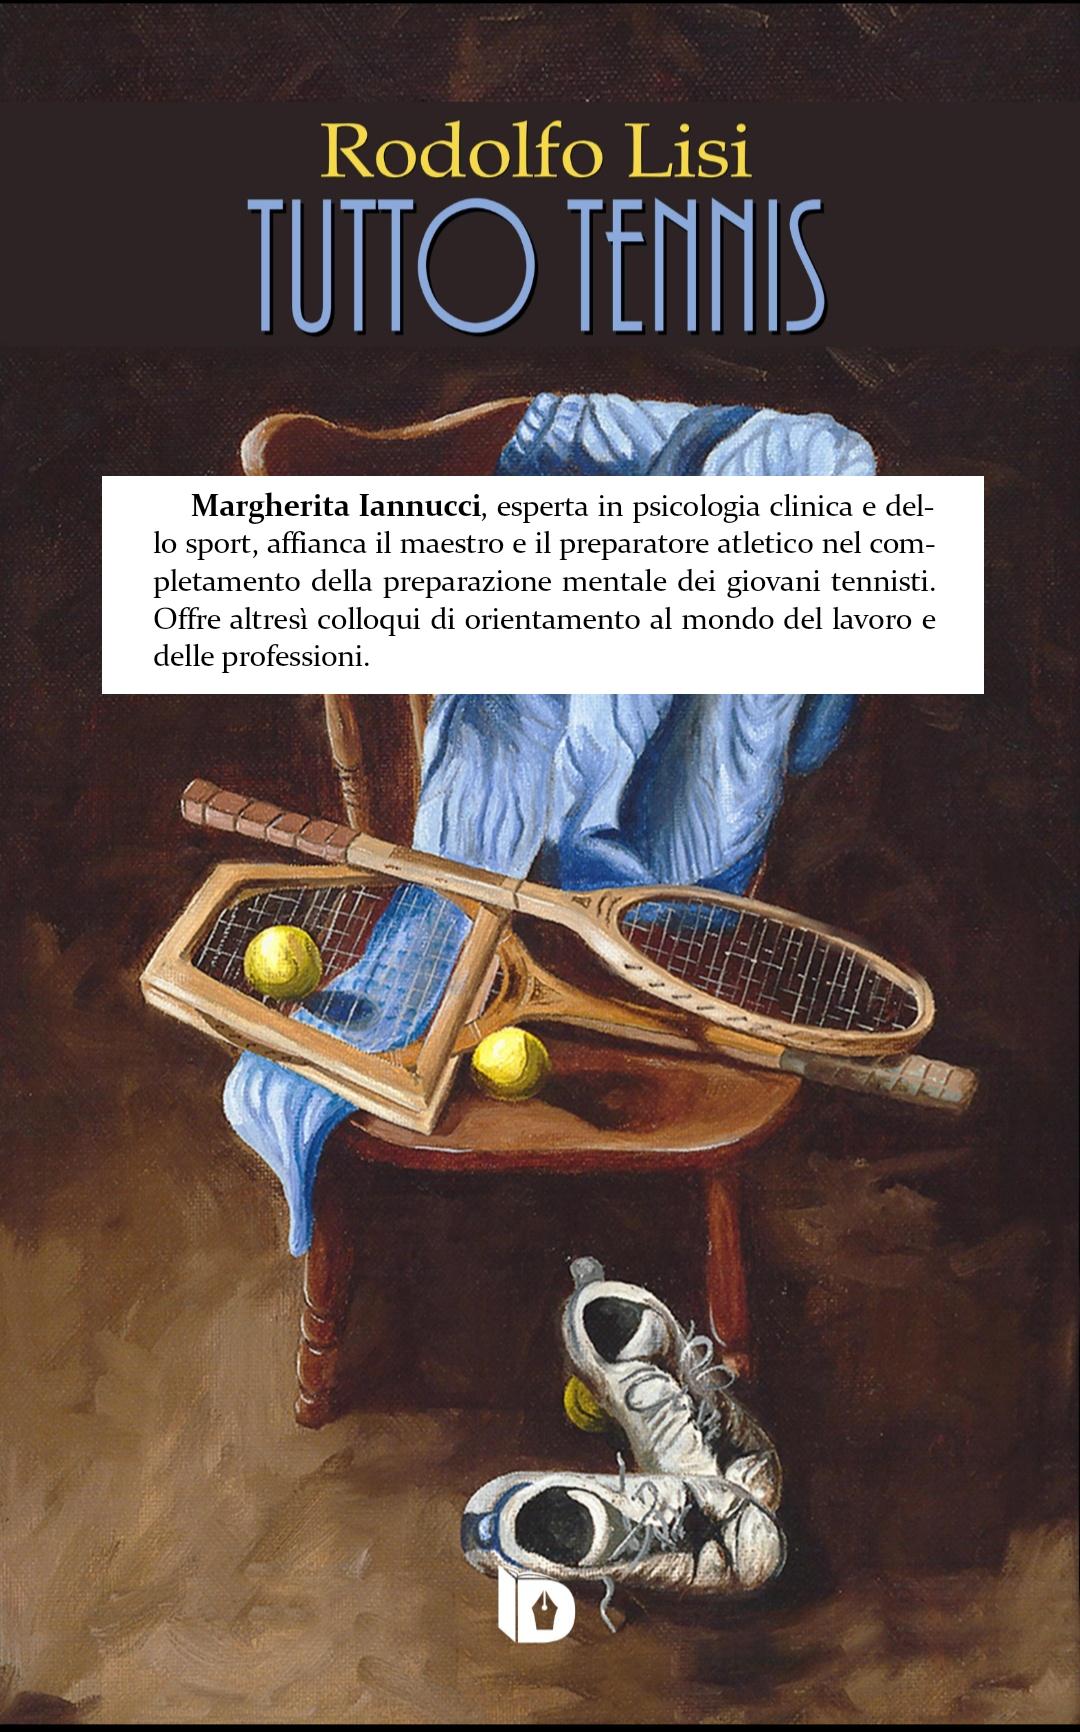 2019 Agosto 1 Margherita Iannucci e Tutto tennis di Rodolfo Lisi